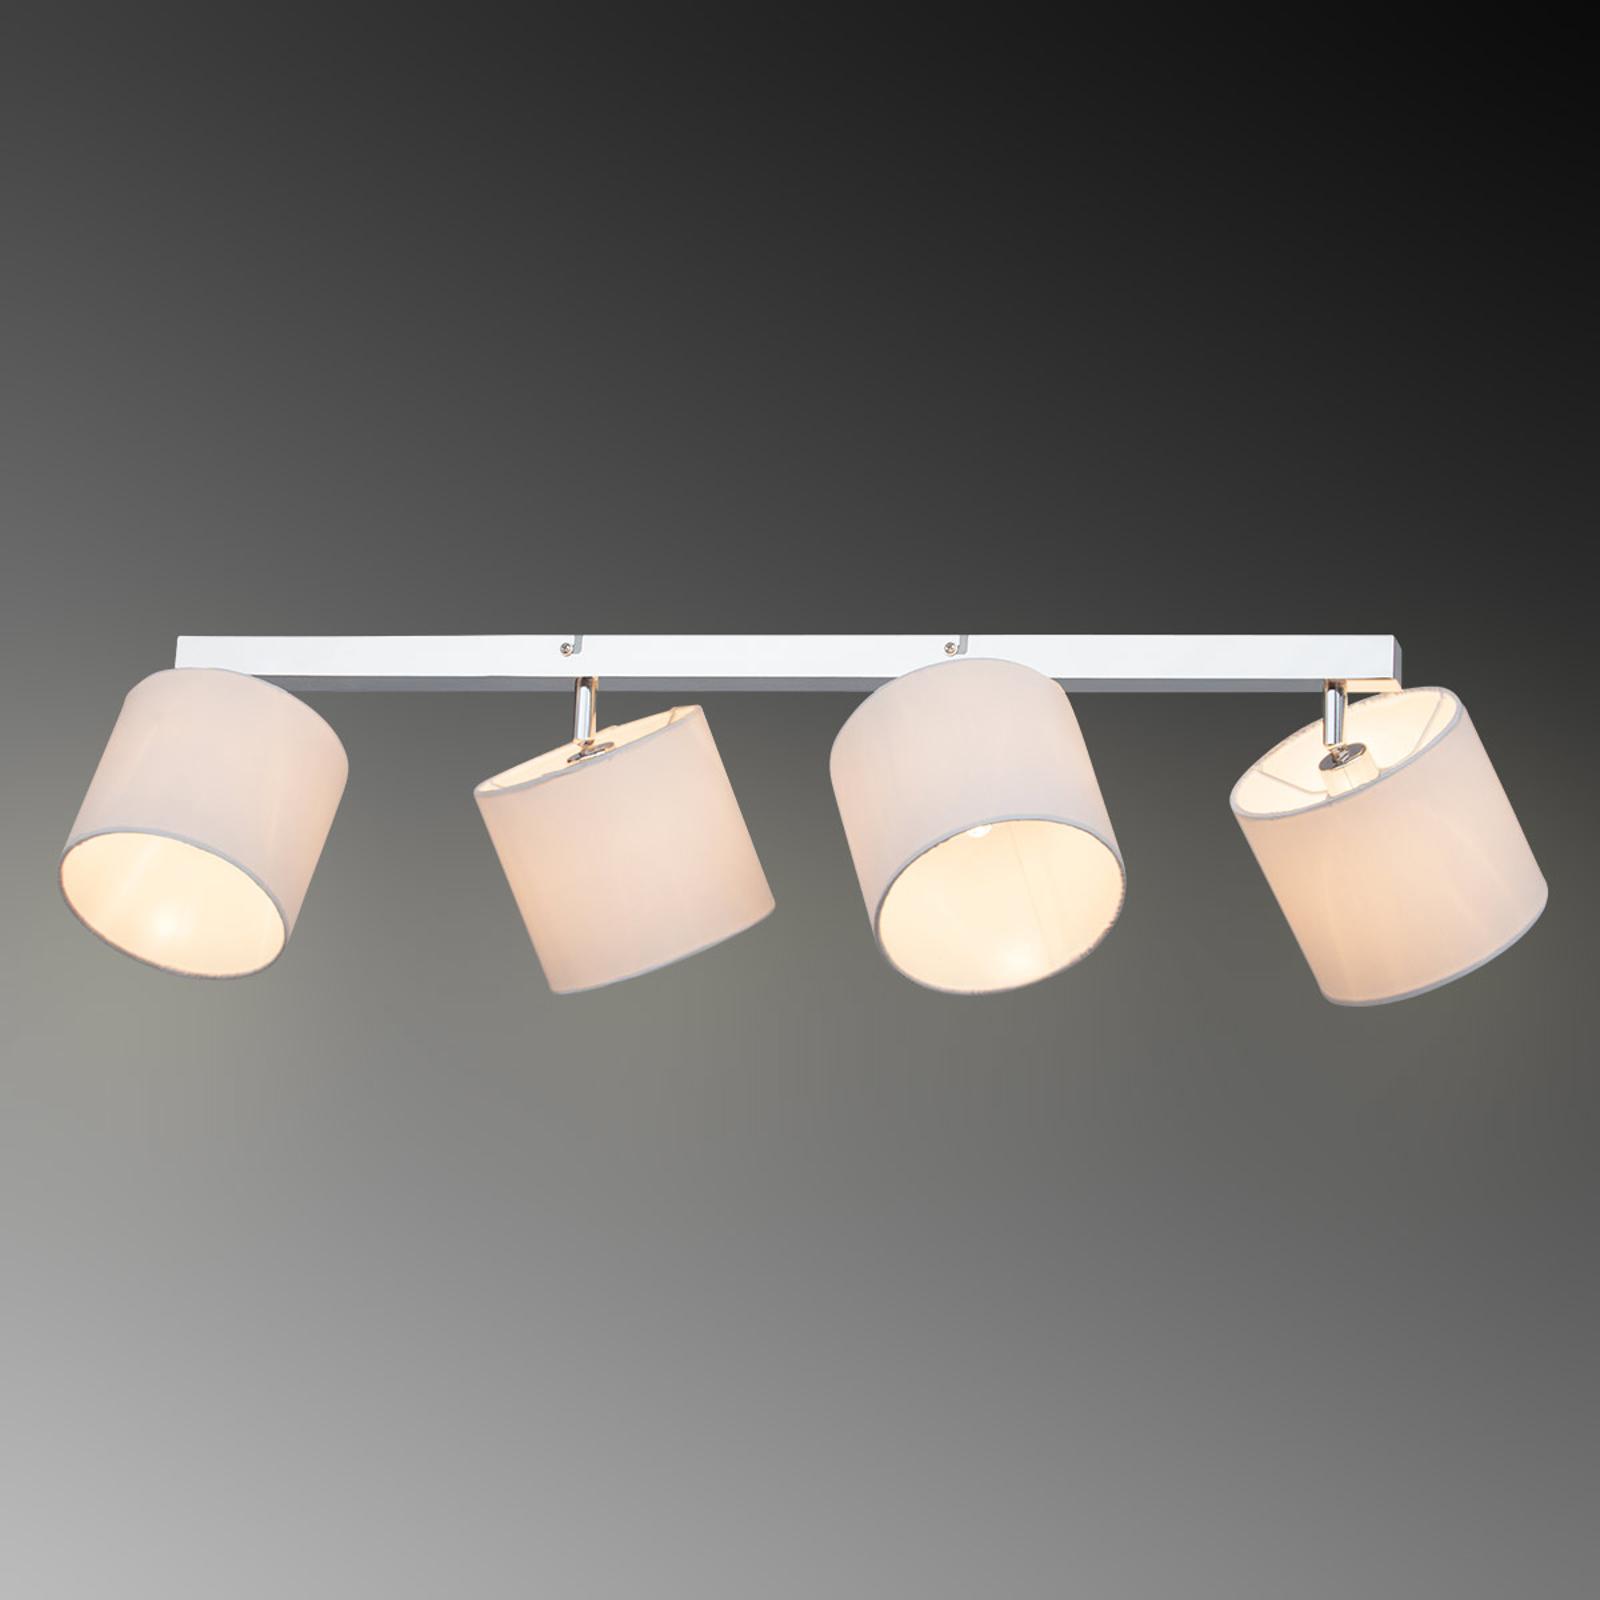 Lámpara de techo Sandra, pant. textil, 4 llamas